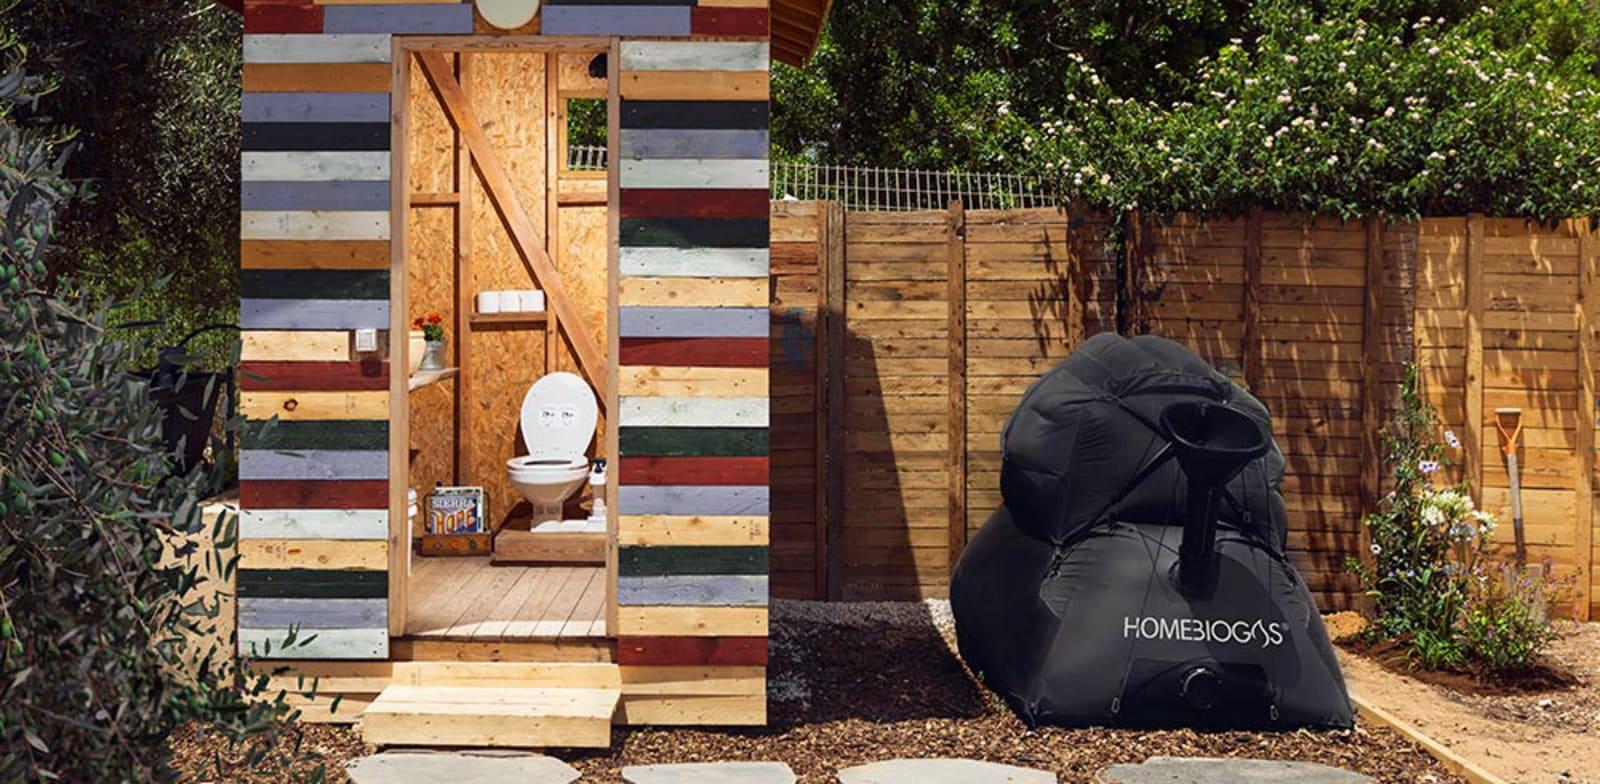 מערכת bio-toilet של הום ביוגז. למדינות עולם שלישי ולצרכנים עם מודעות / צילום: הום ביוגז